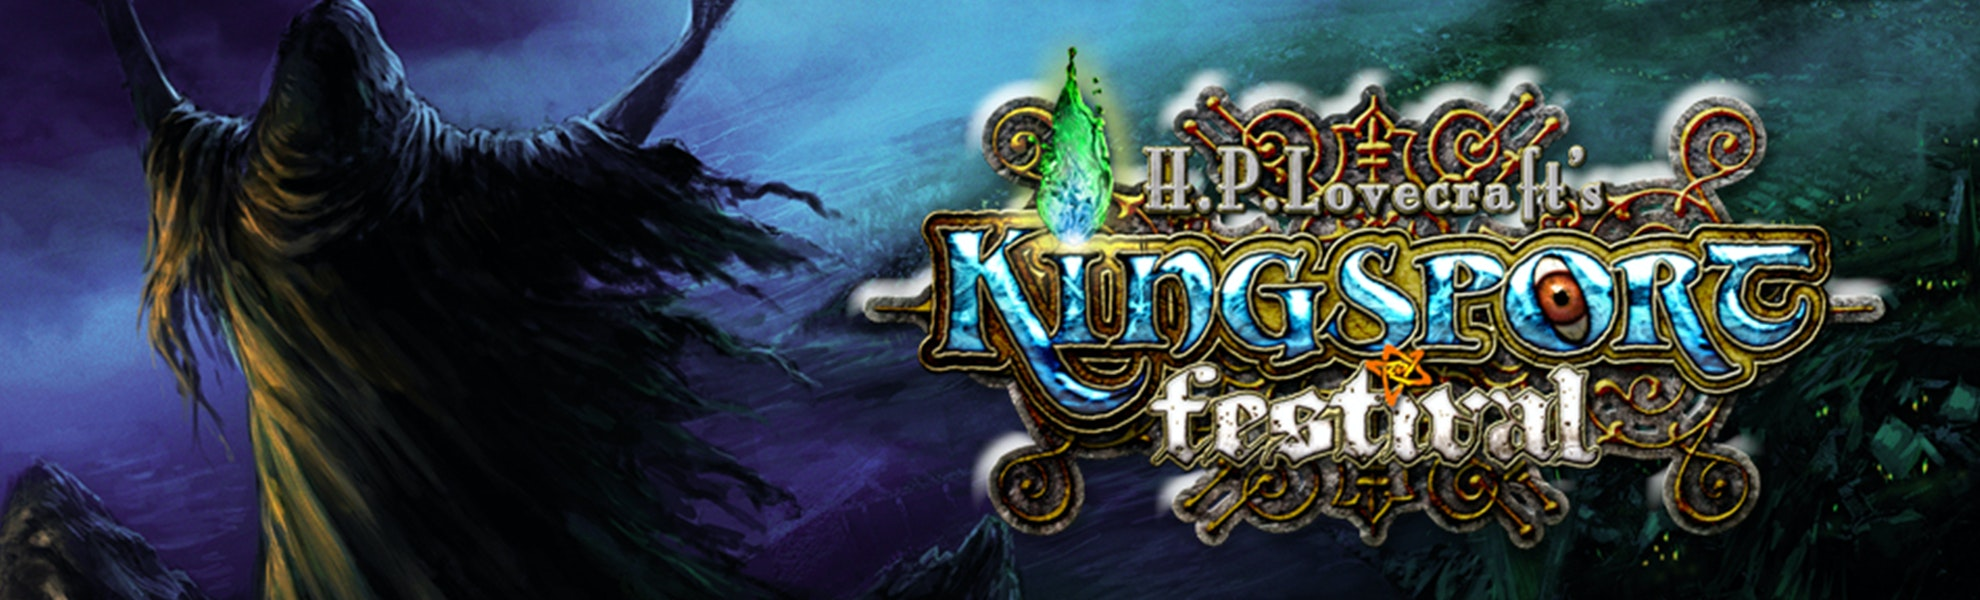 Kingsport Festival Pre-Order Bundle